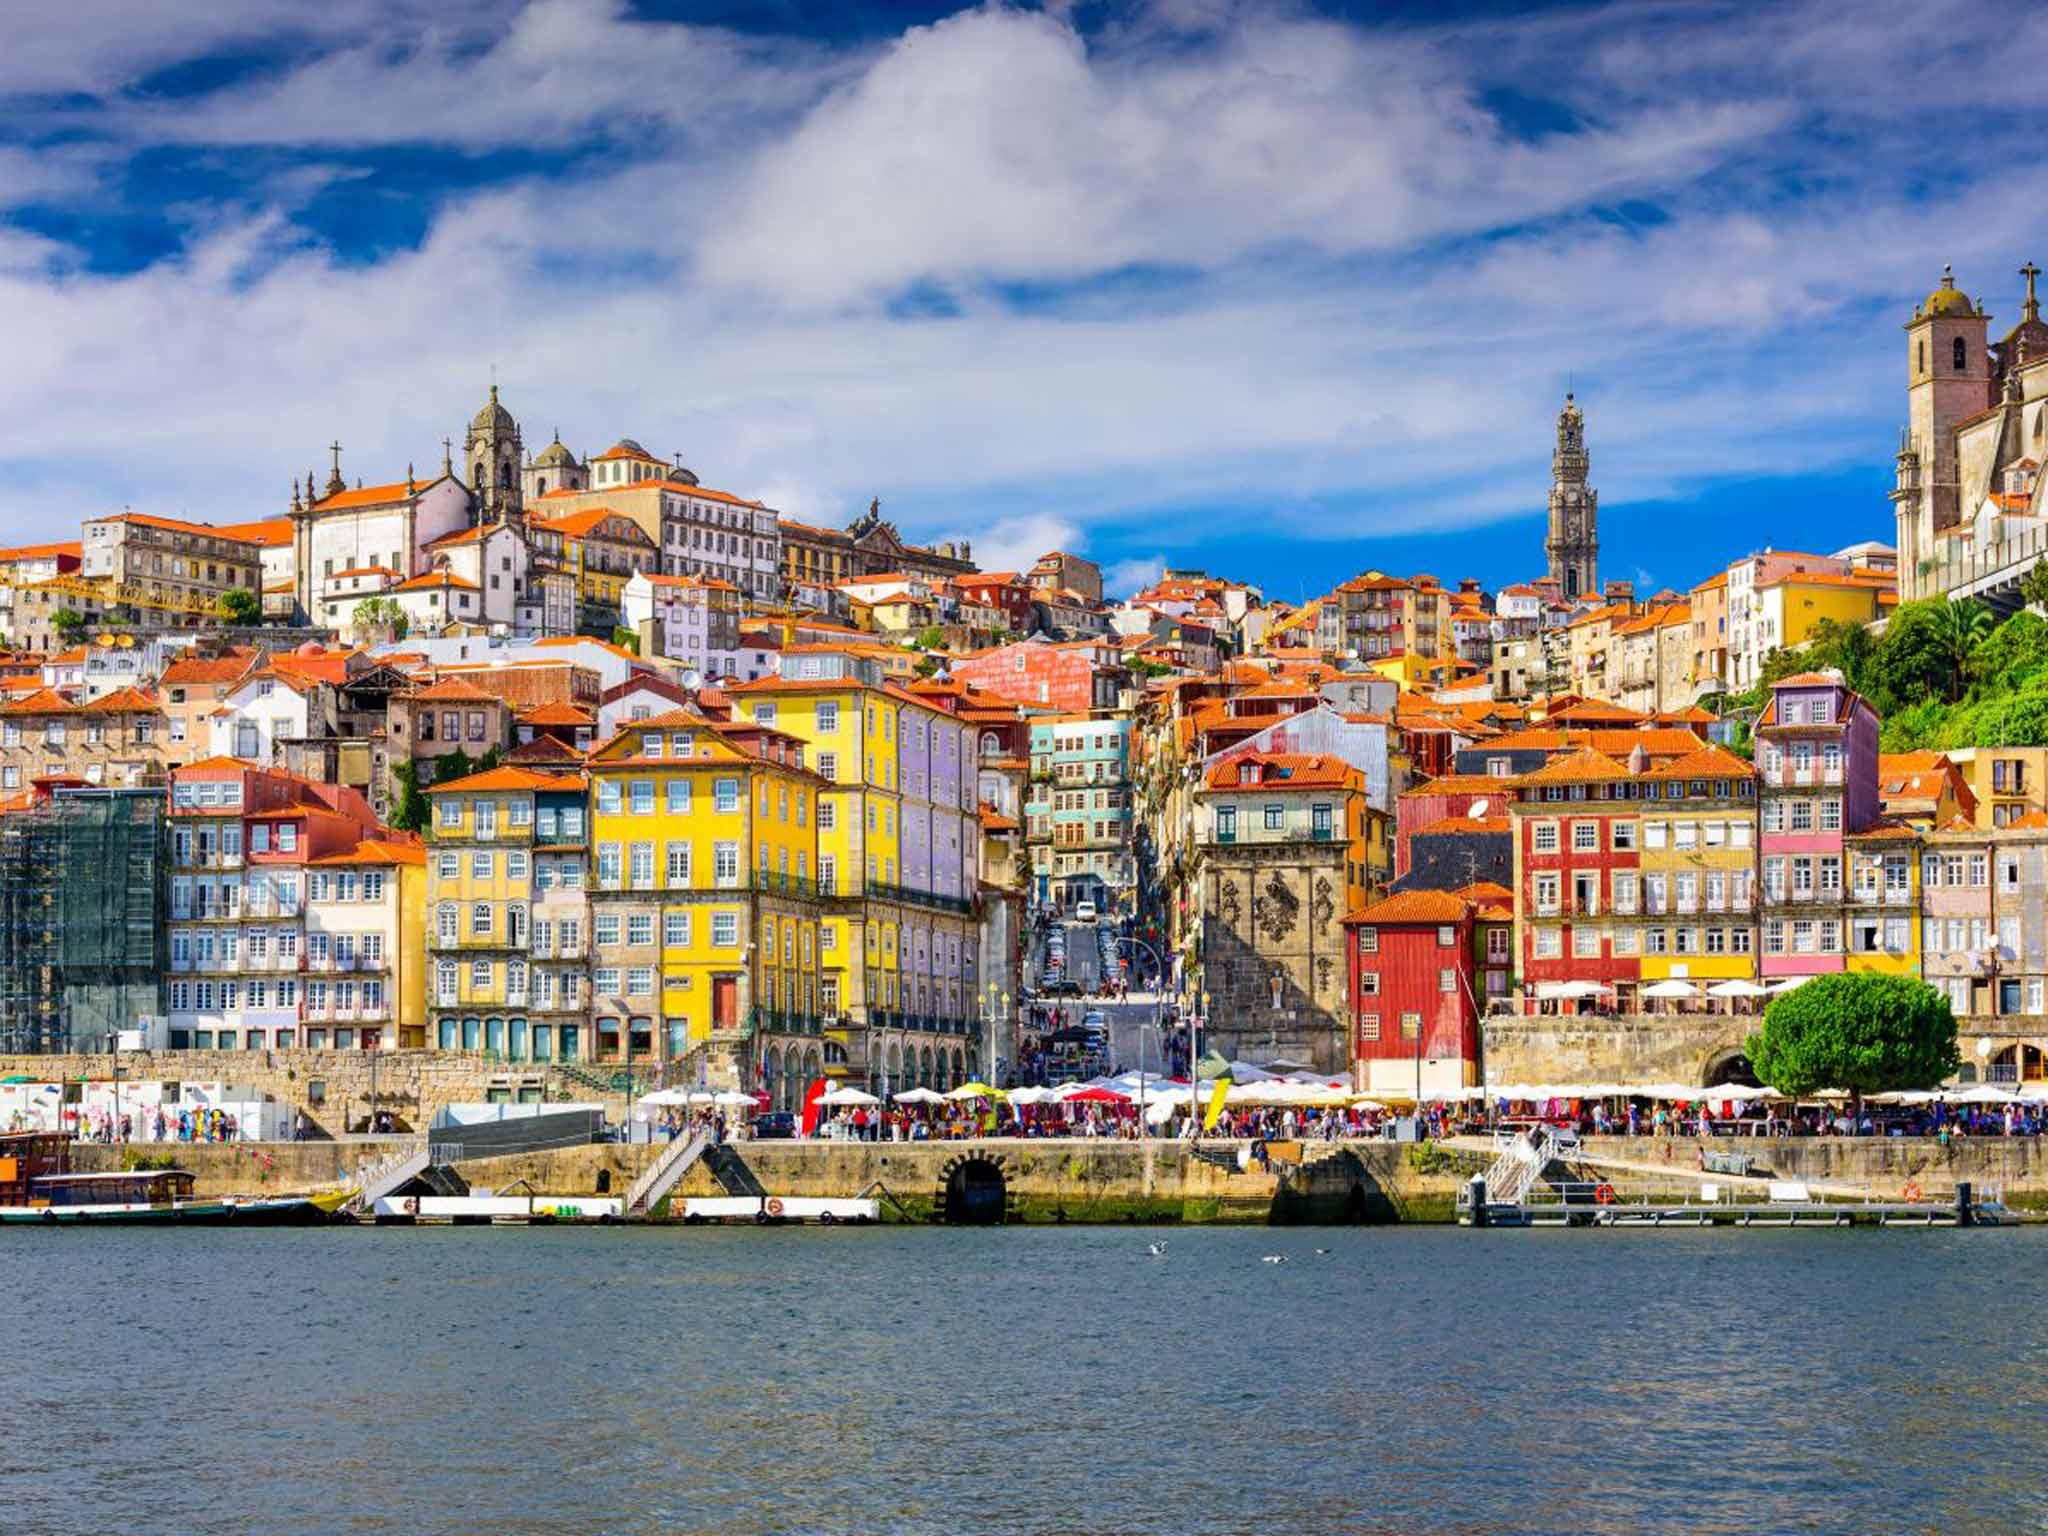 Vue de la ville de Porto au Portugal